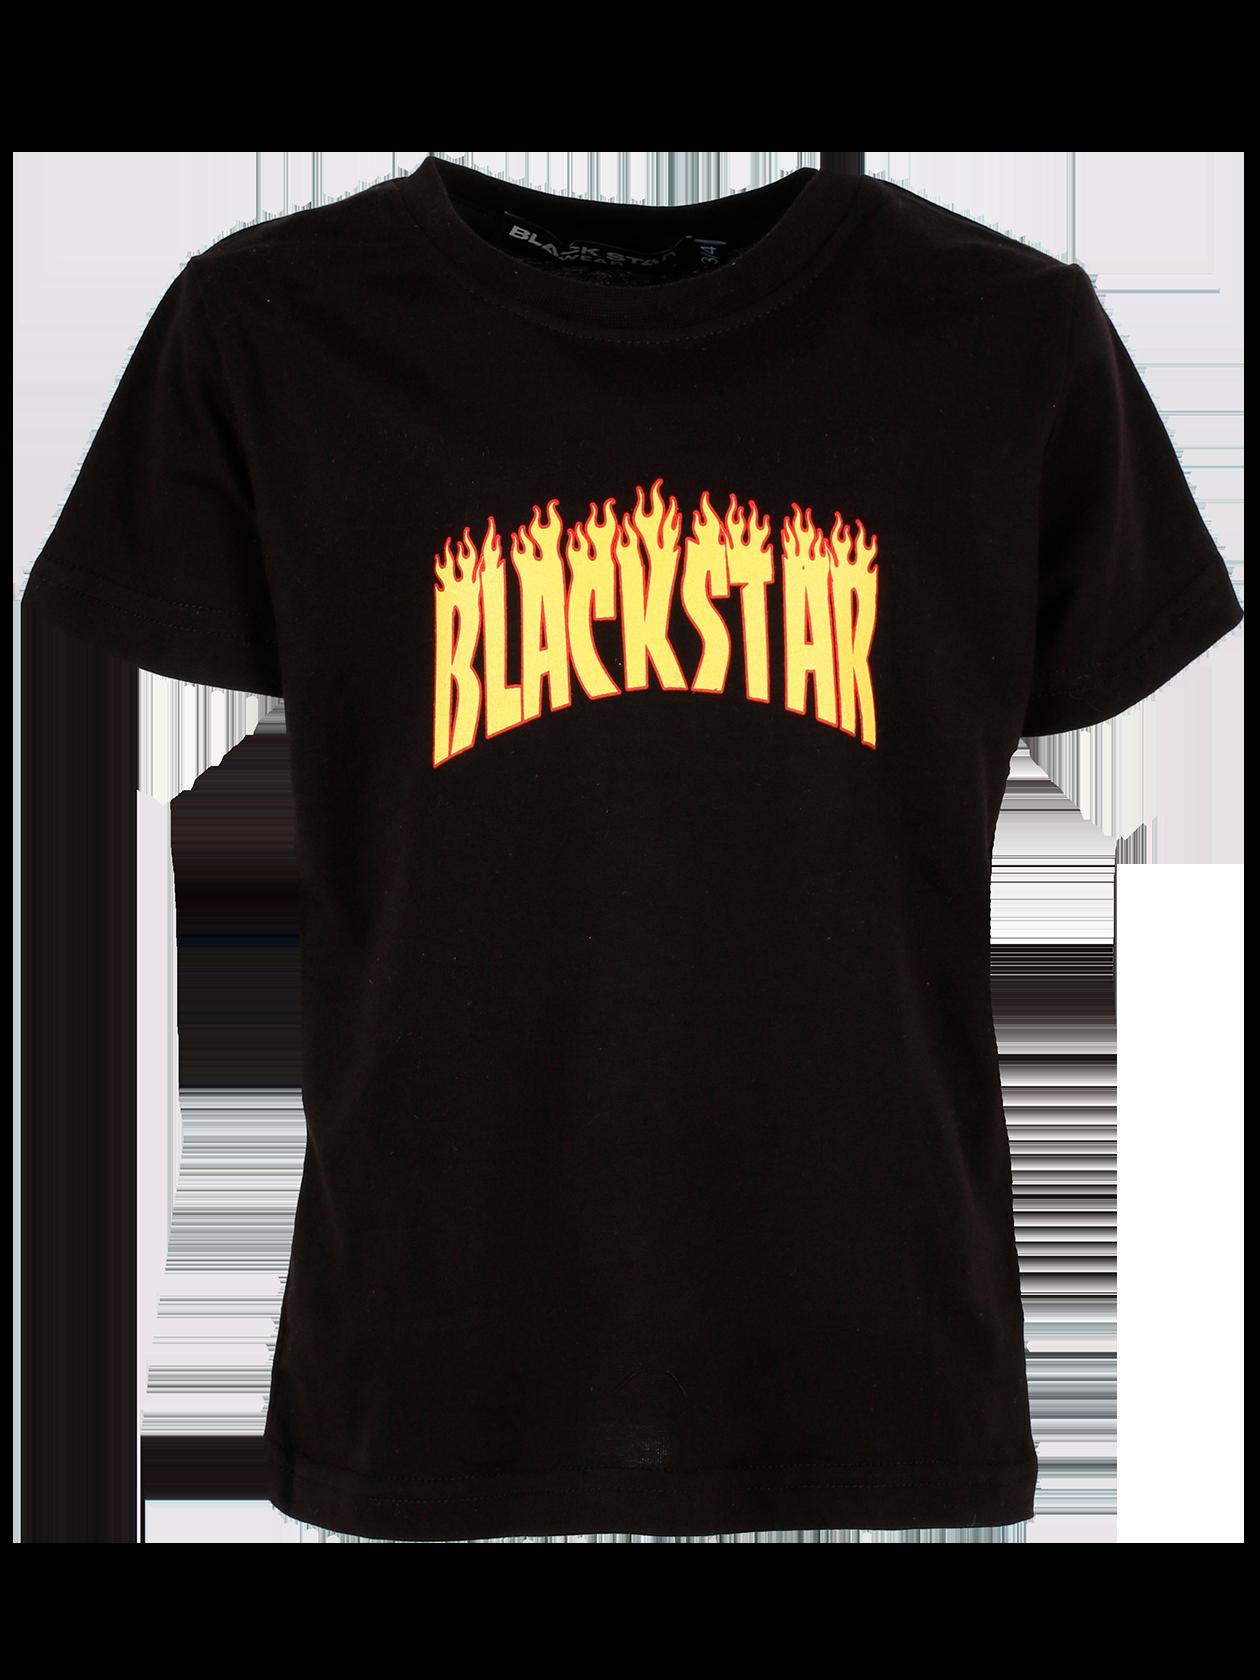 Teens t-shirt FIRETEENSФутболка подростковая Fireteens – обязательный атрибут любого гардероба. Изделие классического прямого кроя со свободным коротким рукавом. Спереди оформлен принт в виде огненной надписи Black Star. Черный цвет комбинируется с любой одеждой и обувью. Модель сшита из высококачественного хлопка, выдерживающего частые стирки. Внутри на горловине жаккардовый лейбл Black Star Wear.<br><br>size: 12-14 years<br>color: Black<br>gender: unisex